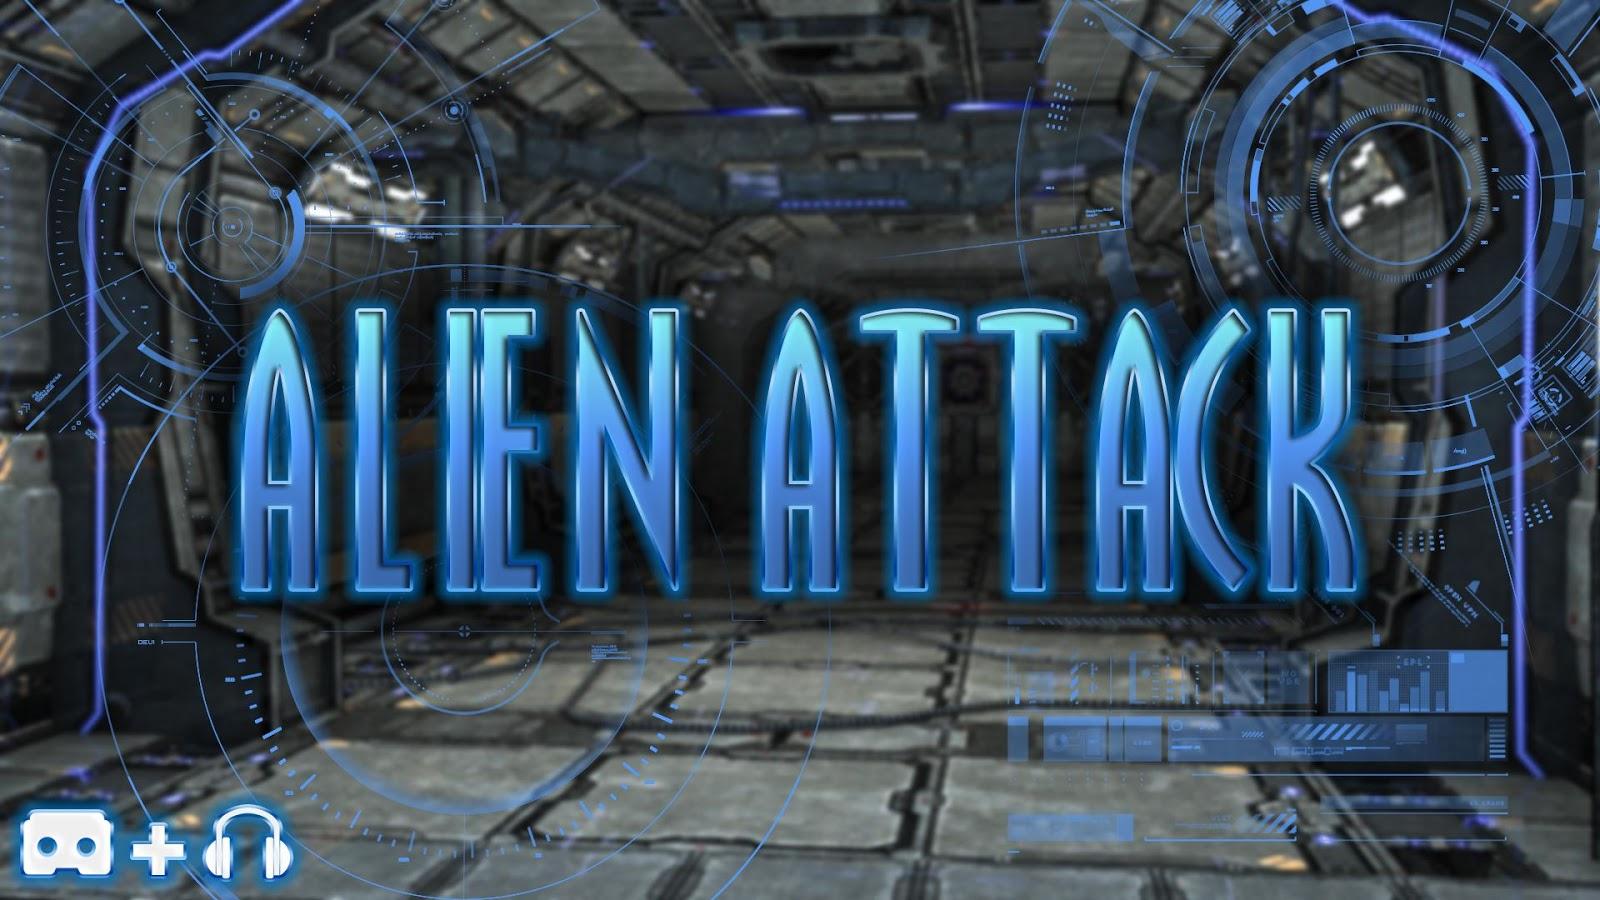 Alien Attack VR – Cardboard